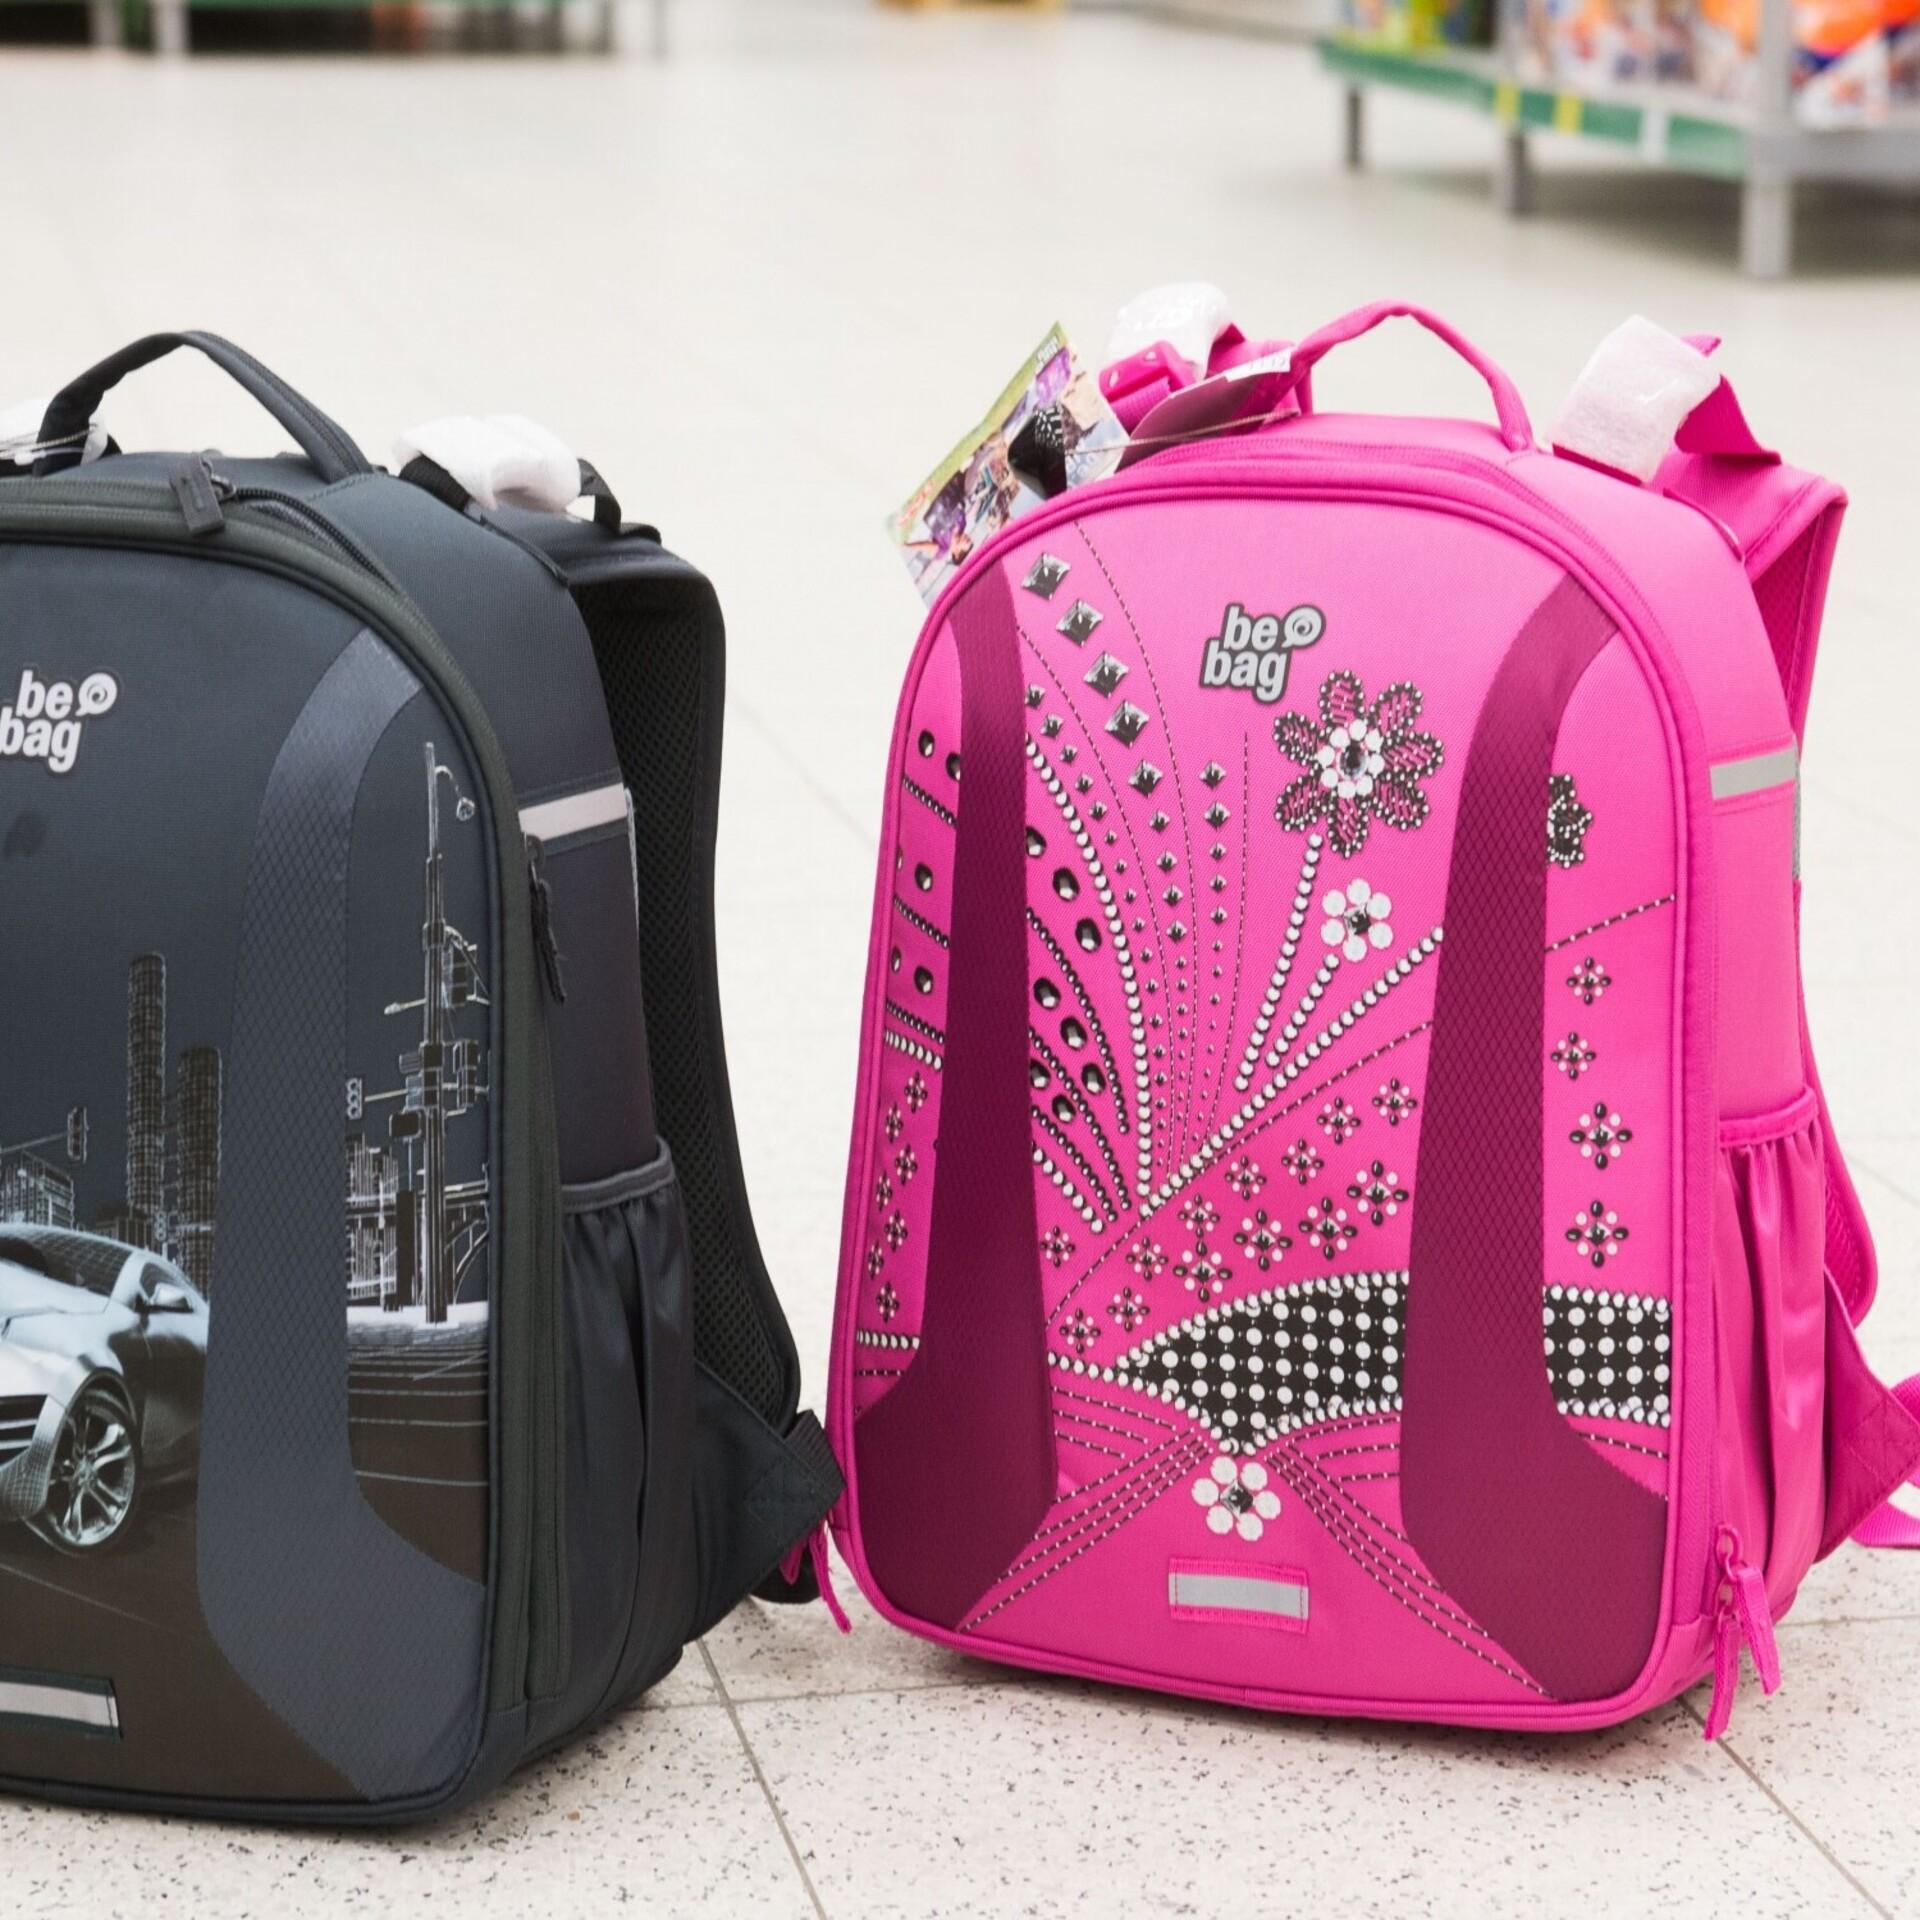 101f6f60114a Защитники детей: 85% школьников носят очень тяжелые портфели | Эстония | ERR